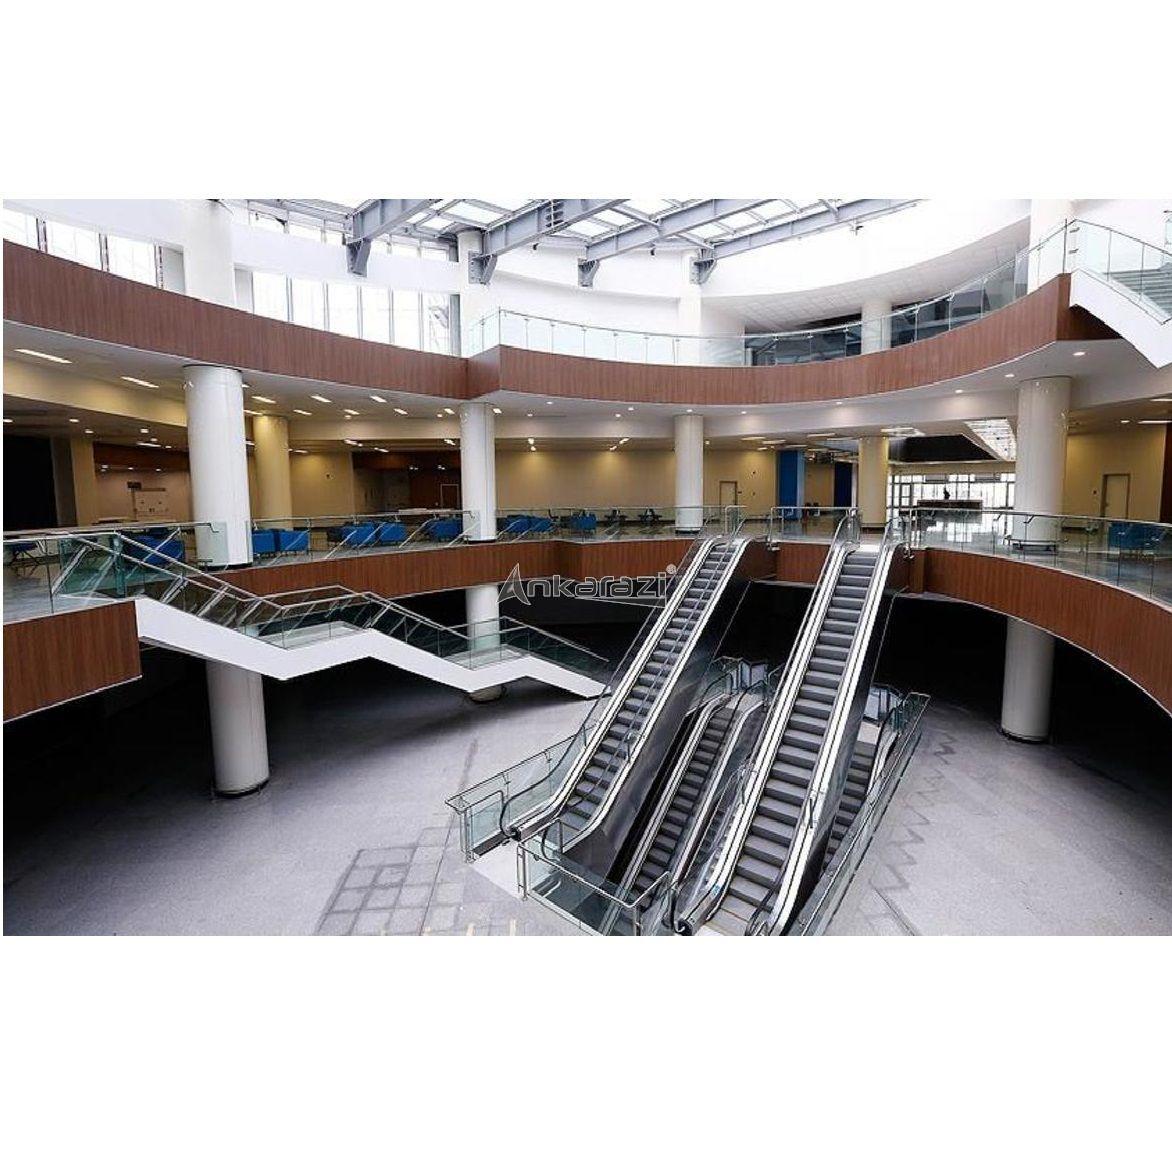 Bilkent Şehir Hastanesi Resmen Açılıyor... 3655